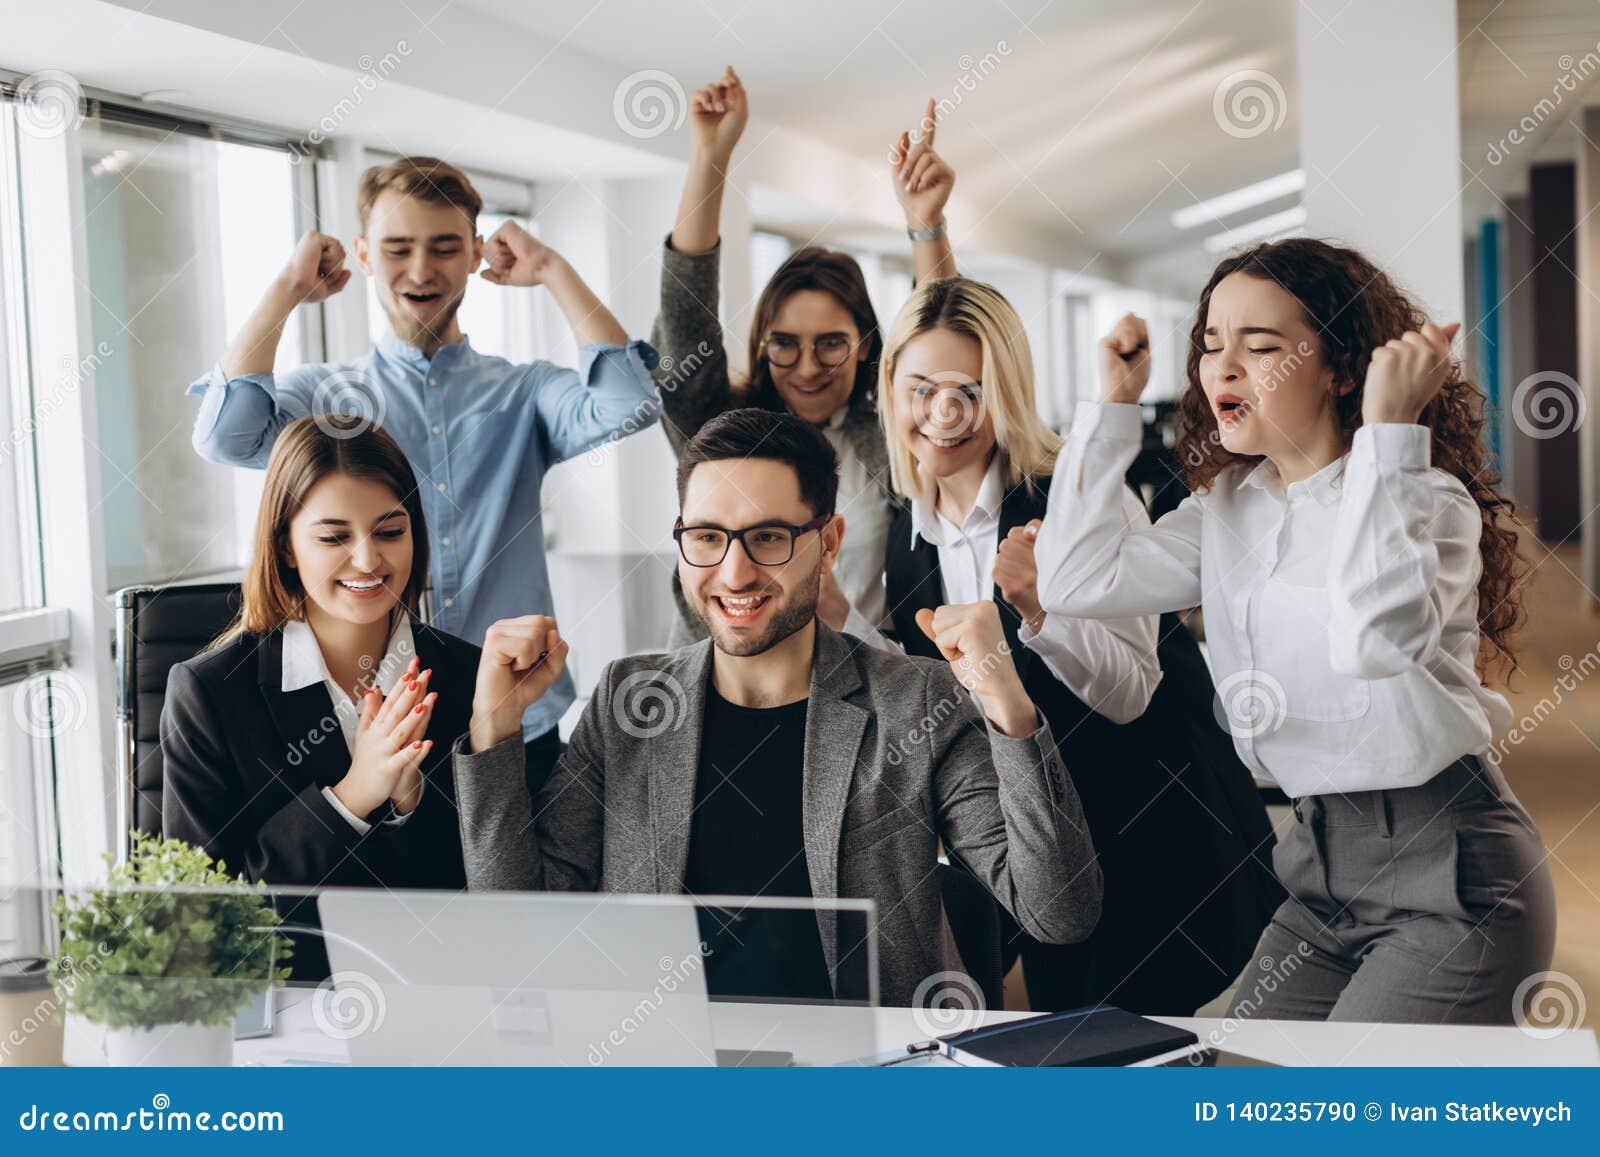 Retrato da equipe gesticulando expressivo bem sucedida muito feliz do negócio no escritório